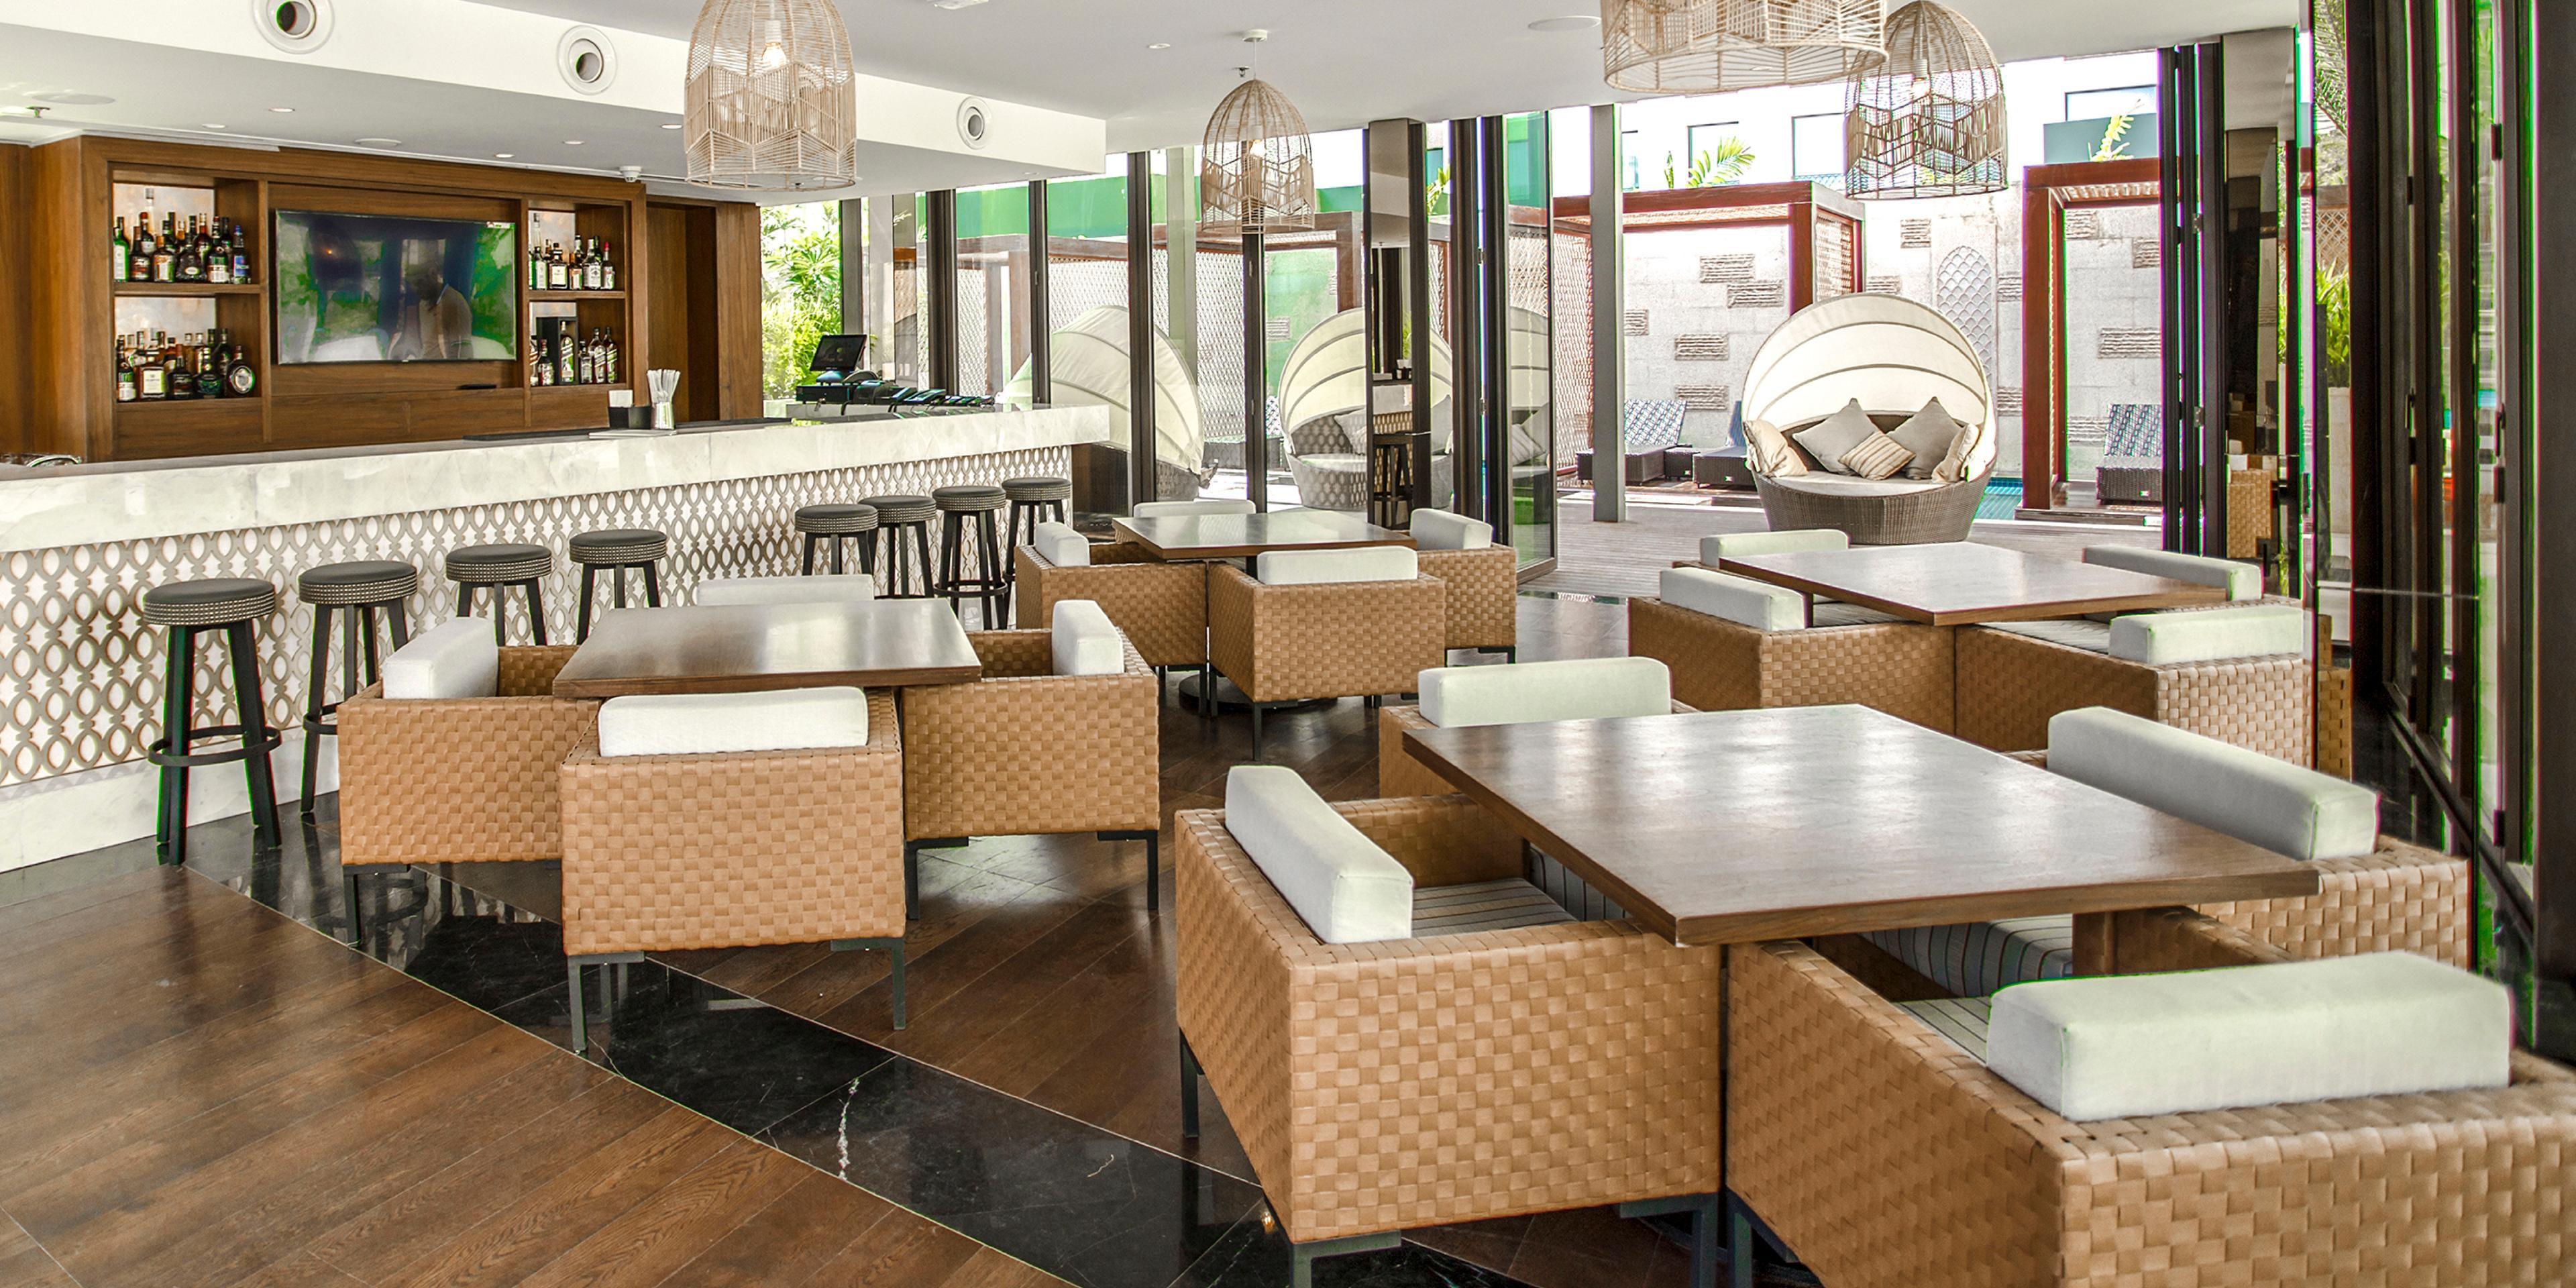 beste restauranten for dating i Dhaka dating en kongelig OPI Swatch